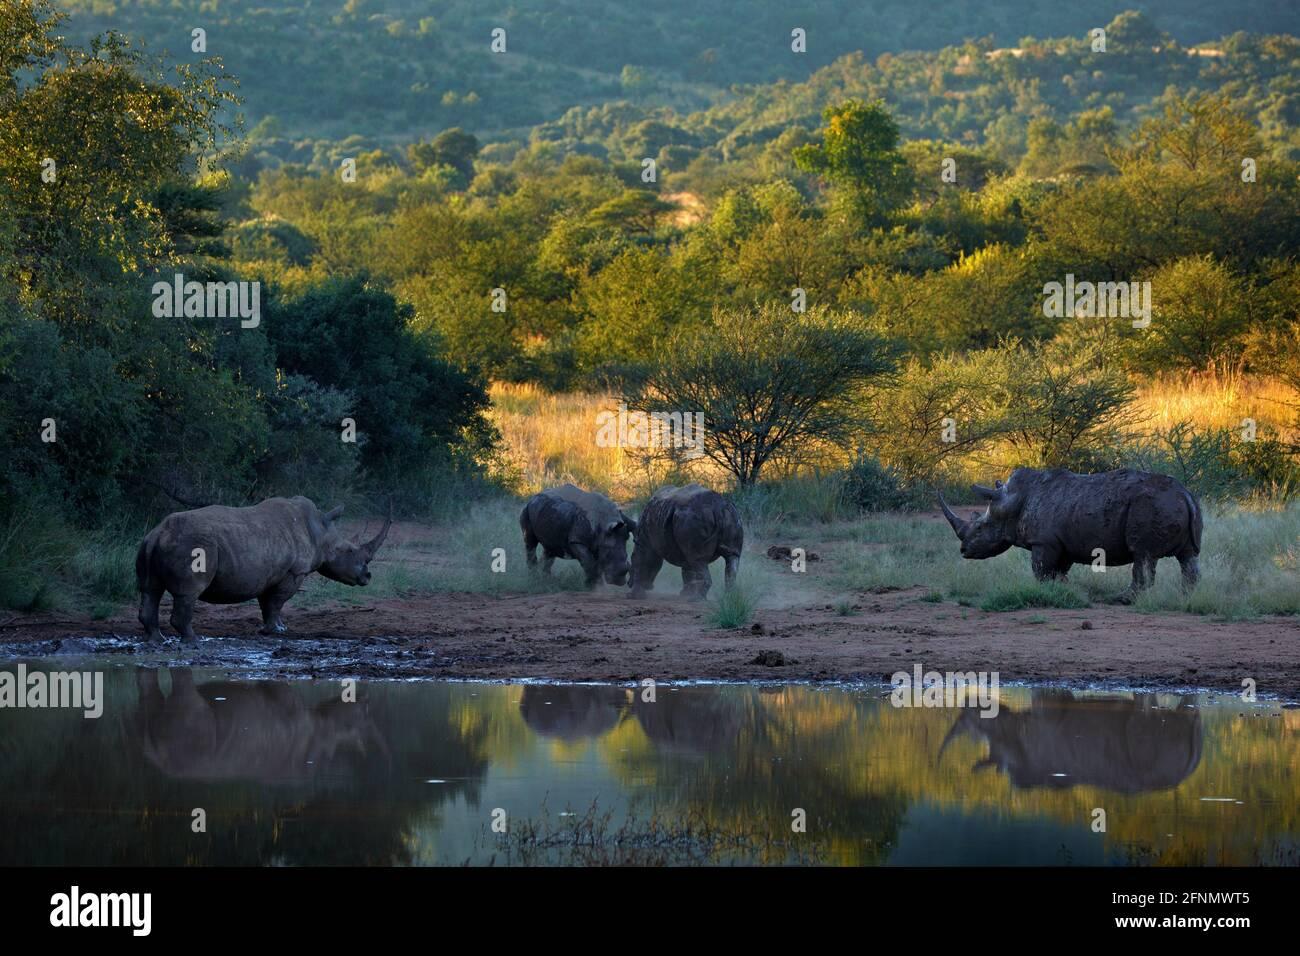 Nashorn im Pilanesberg NP, Südafrika. Weißes Nashorn, Ceratotherium simum, großes Tier in der afrikanischen Natur, in der Nähe des Wassers. Wildtierszene Fr. Stockfoto